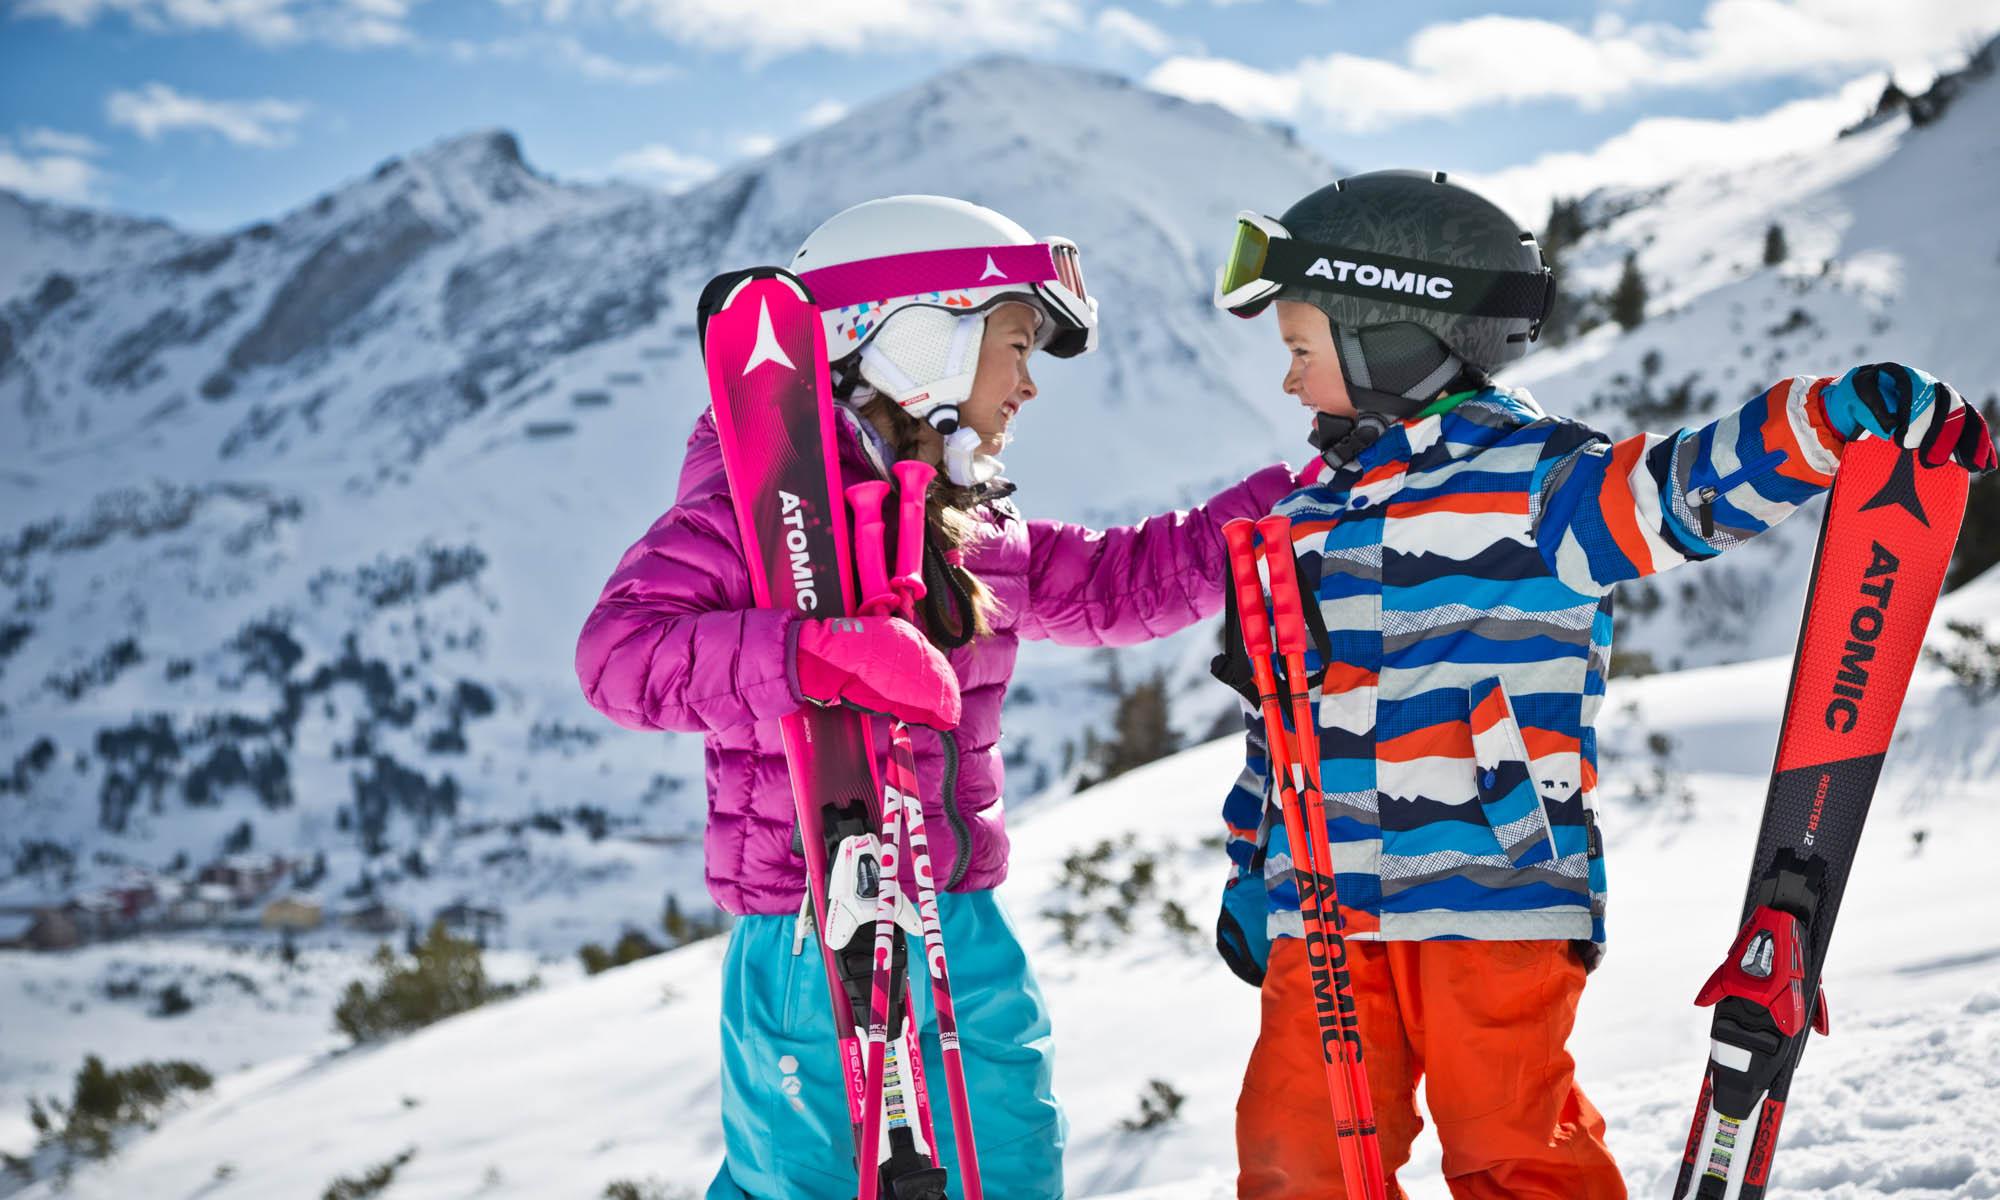 Zwei junge Kinder mit Atomic Skis.